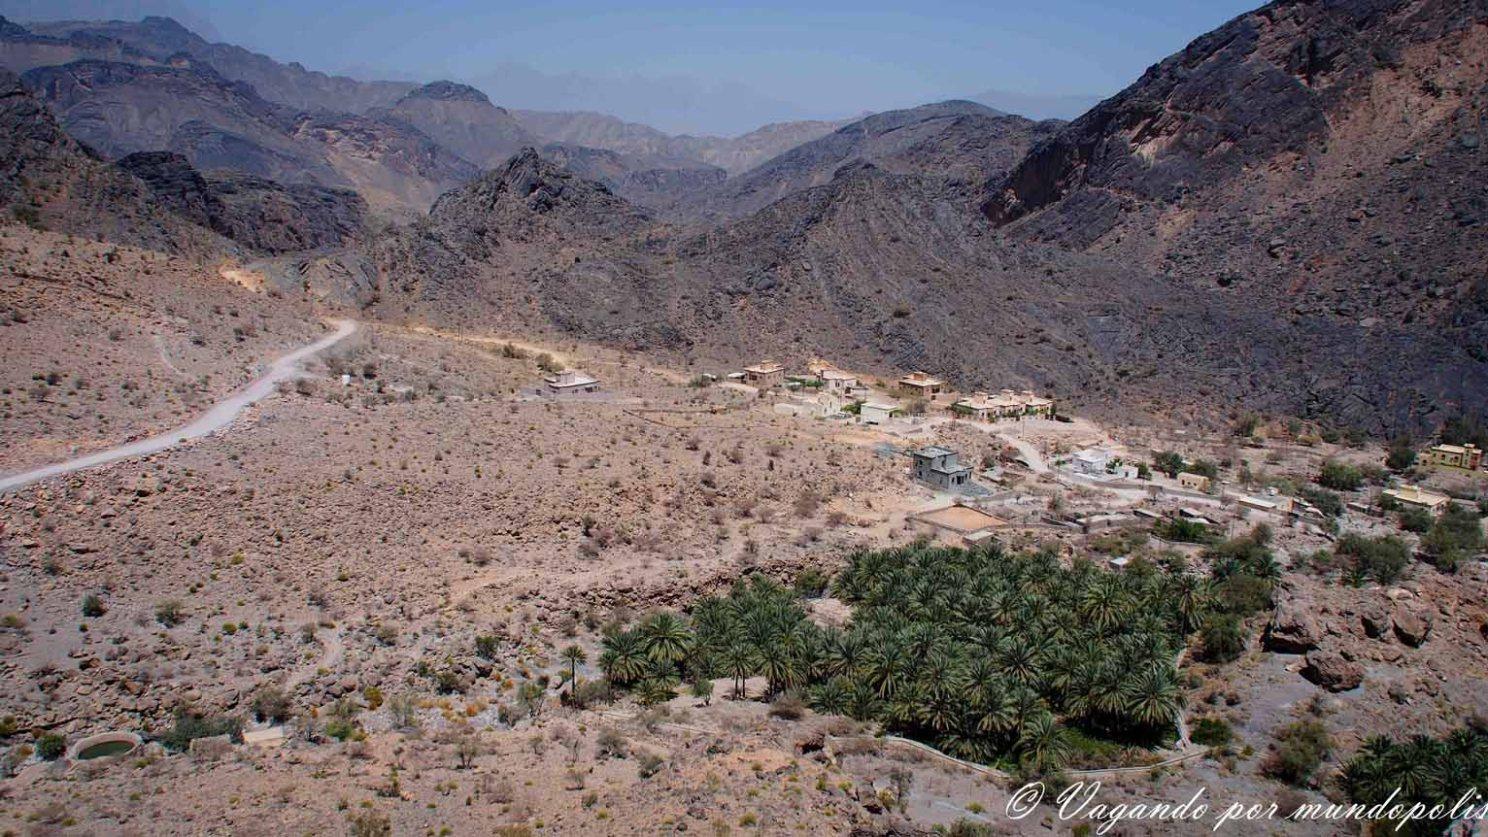 Al Dakhiliya-Oman